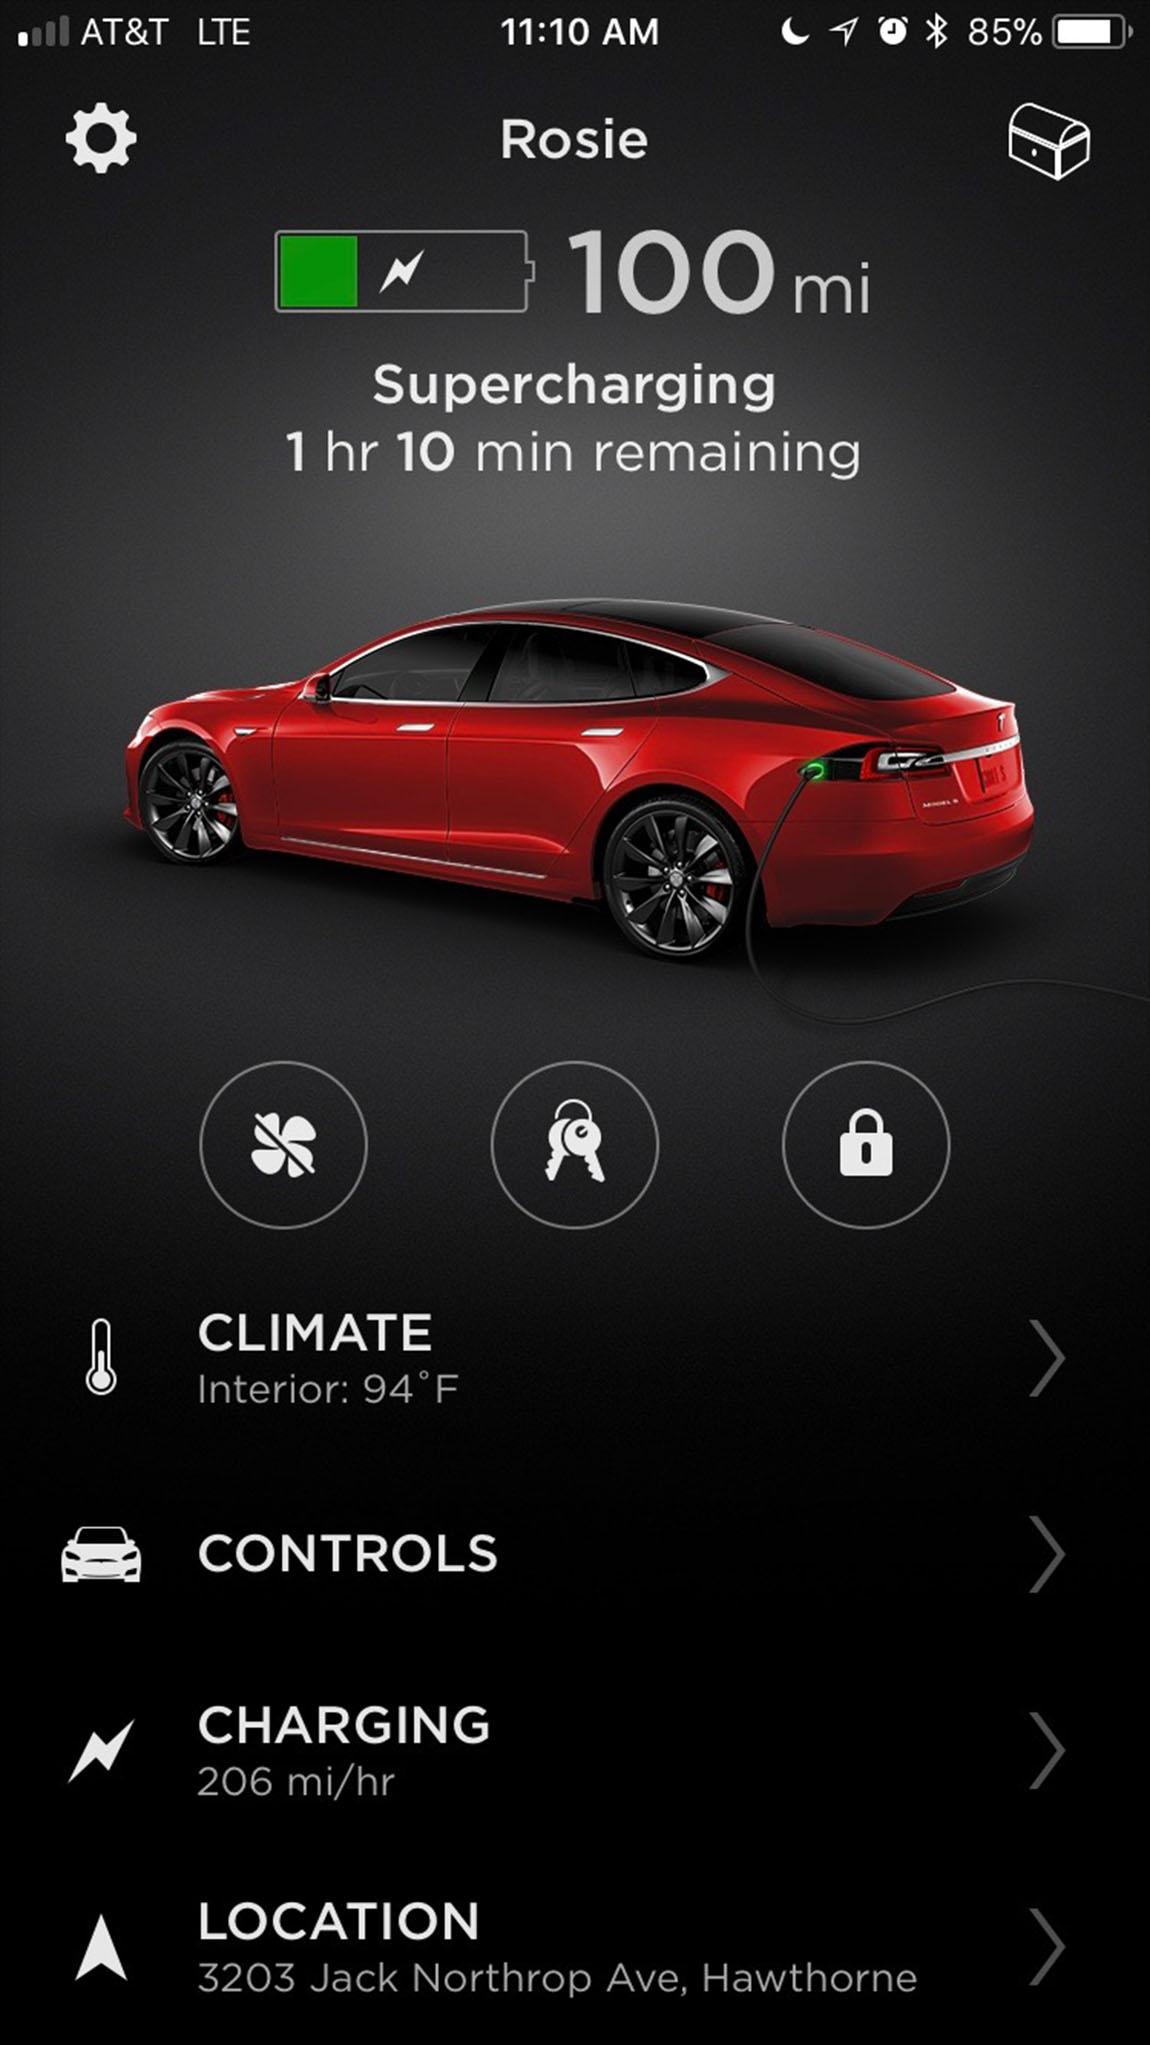 テスラアプリの画面:航続距離100マイル